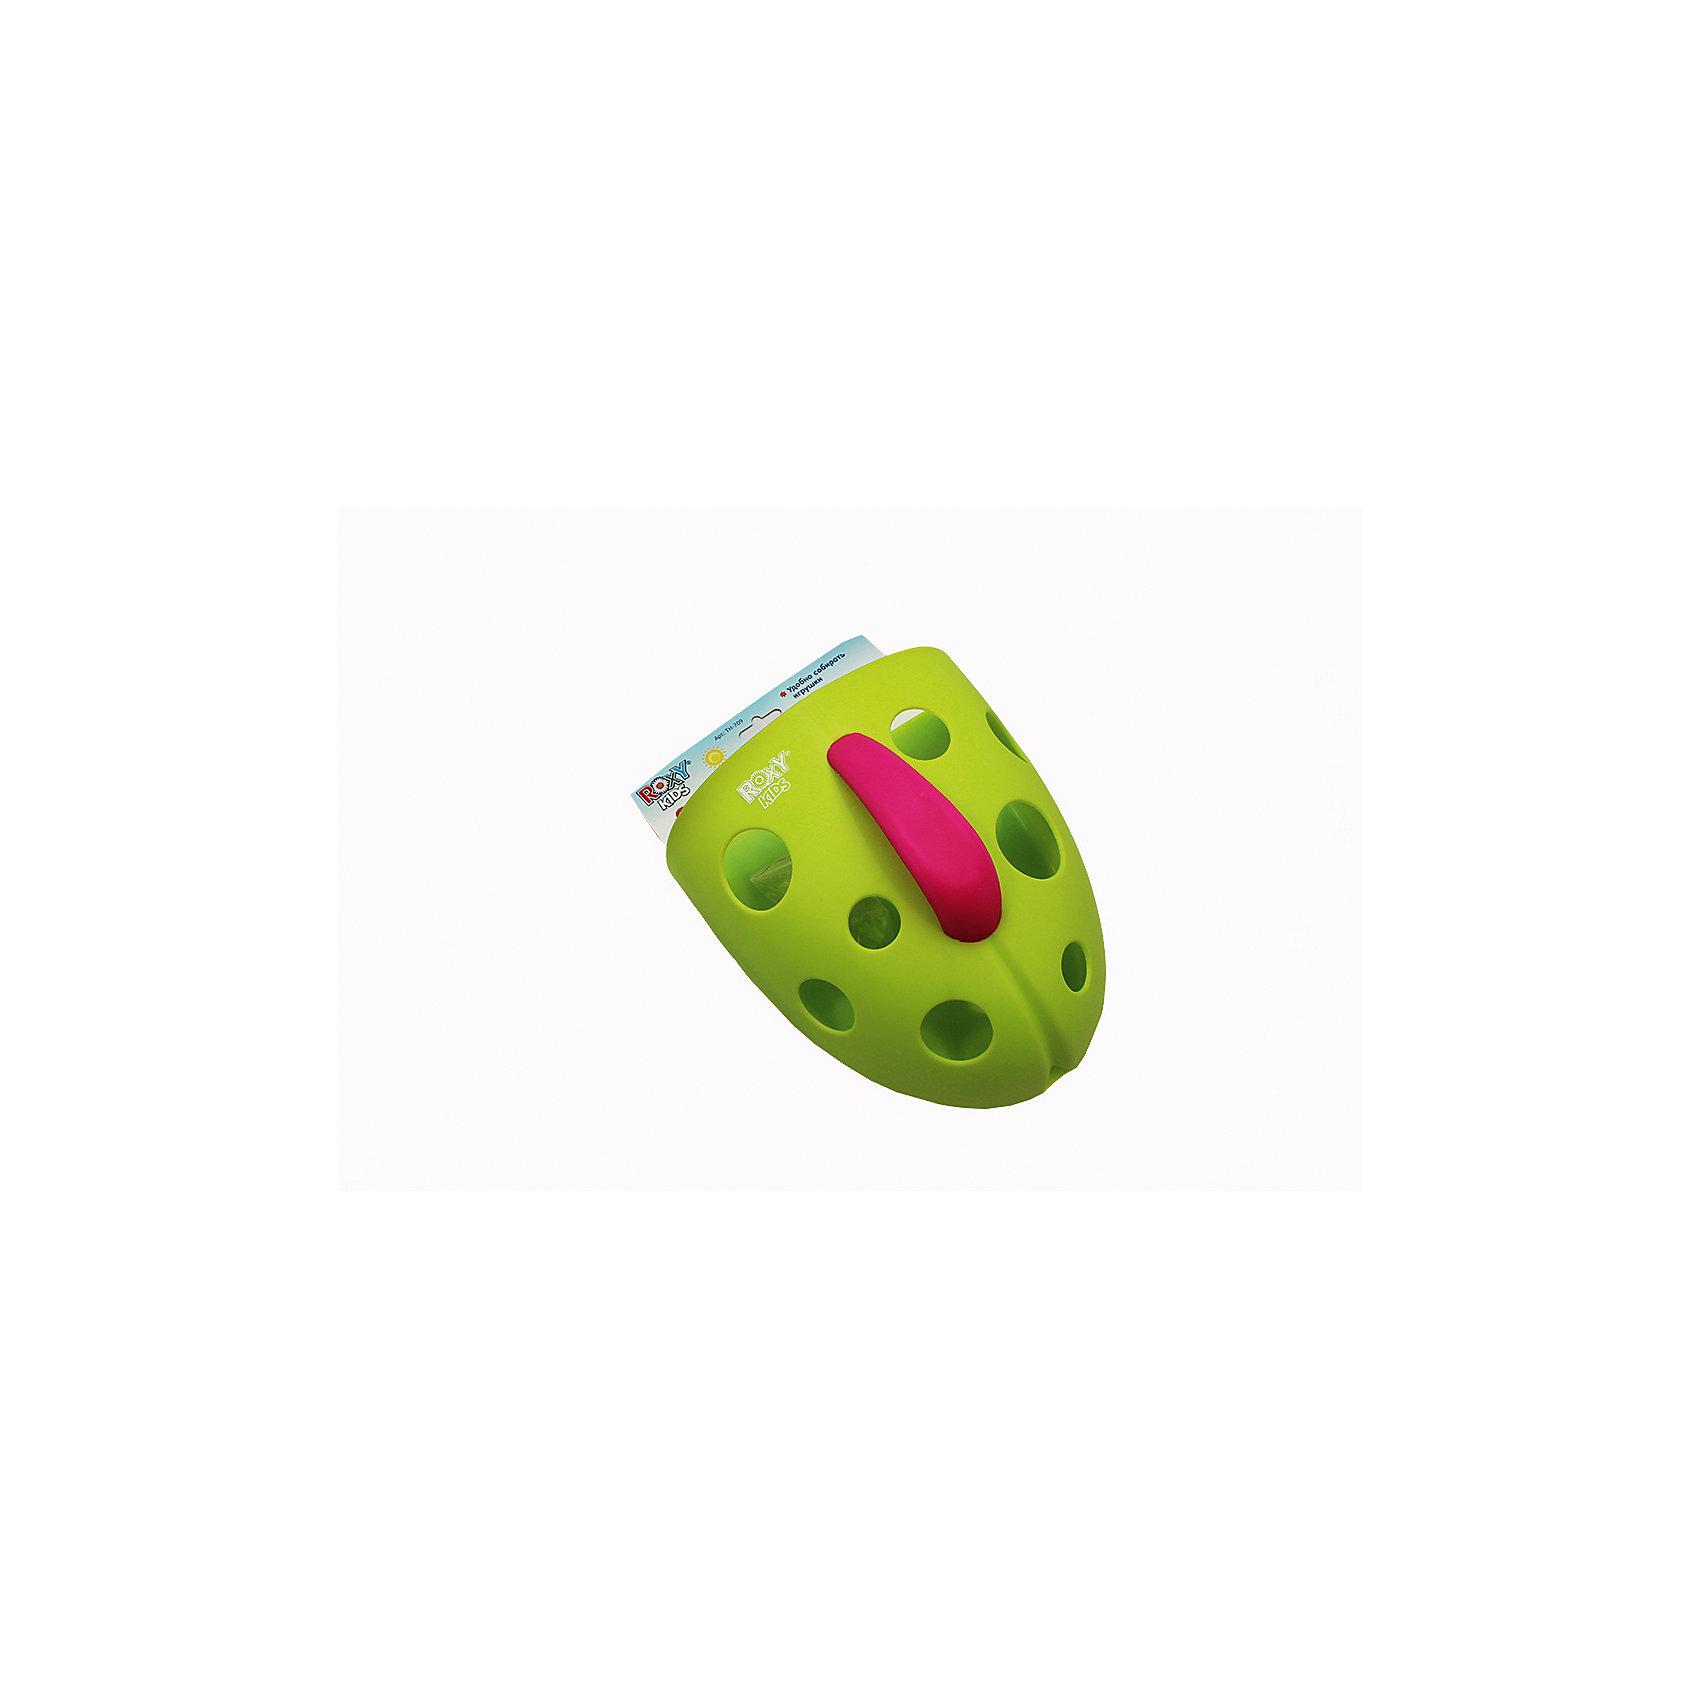 Roxy-Kids Органайзер для игрушек на присоске, Roxy-Kids, roxy kids козырек защитный для мытья головы rbc 492 g зеленый от 6 месяцев до 3 лет